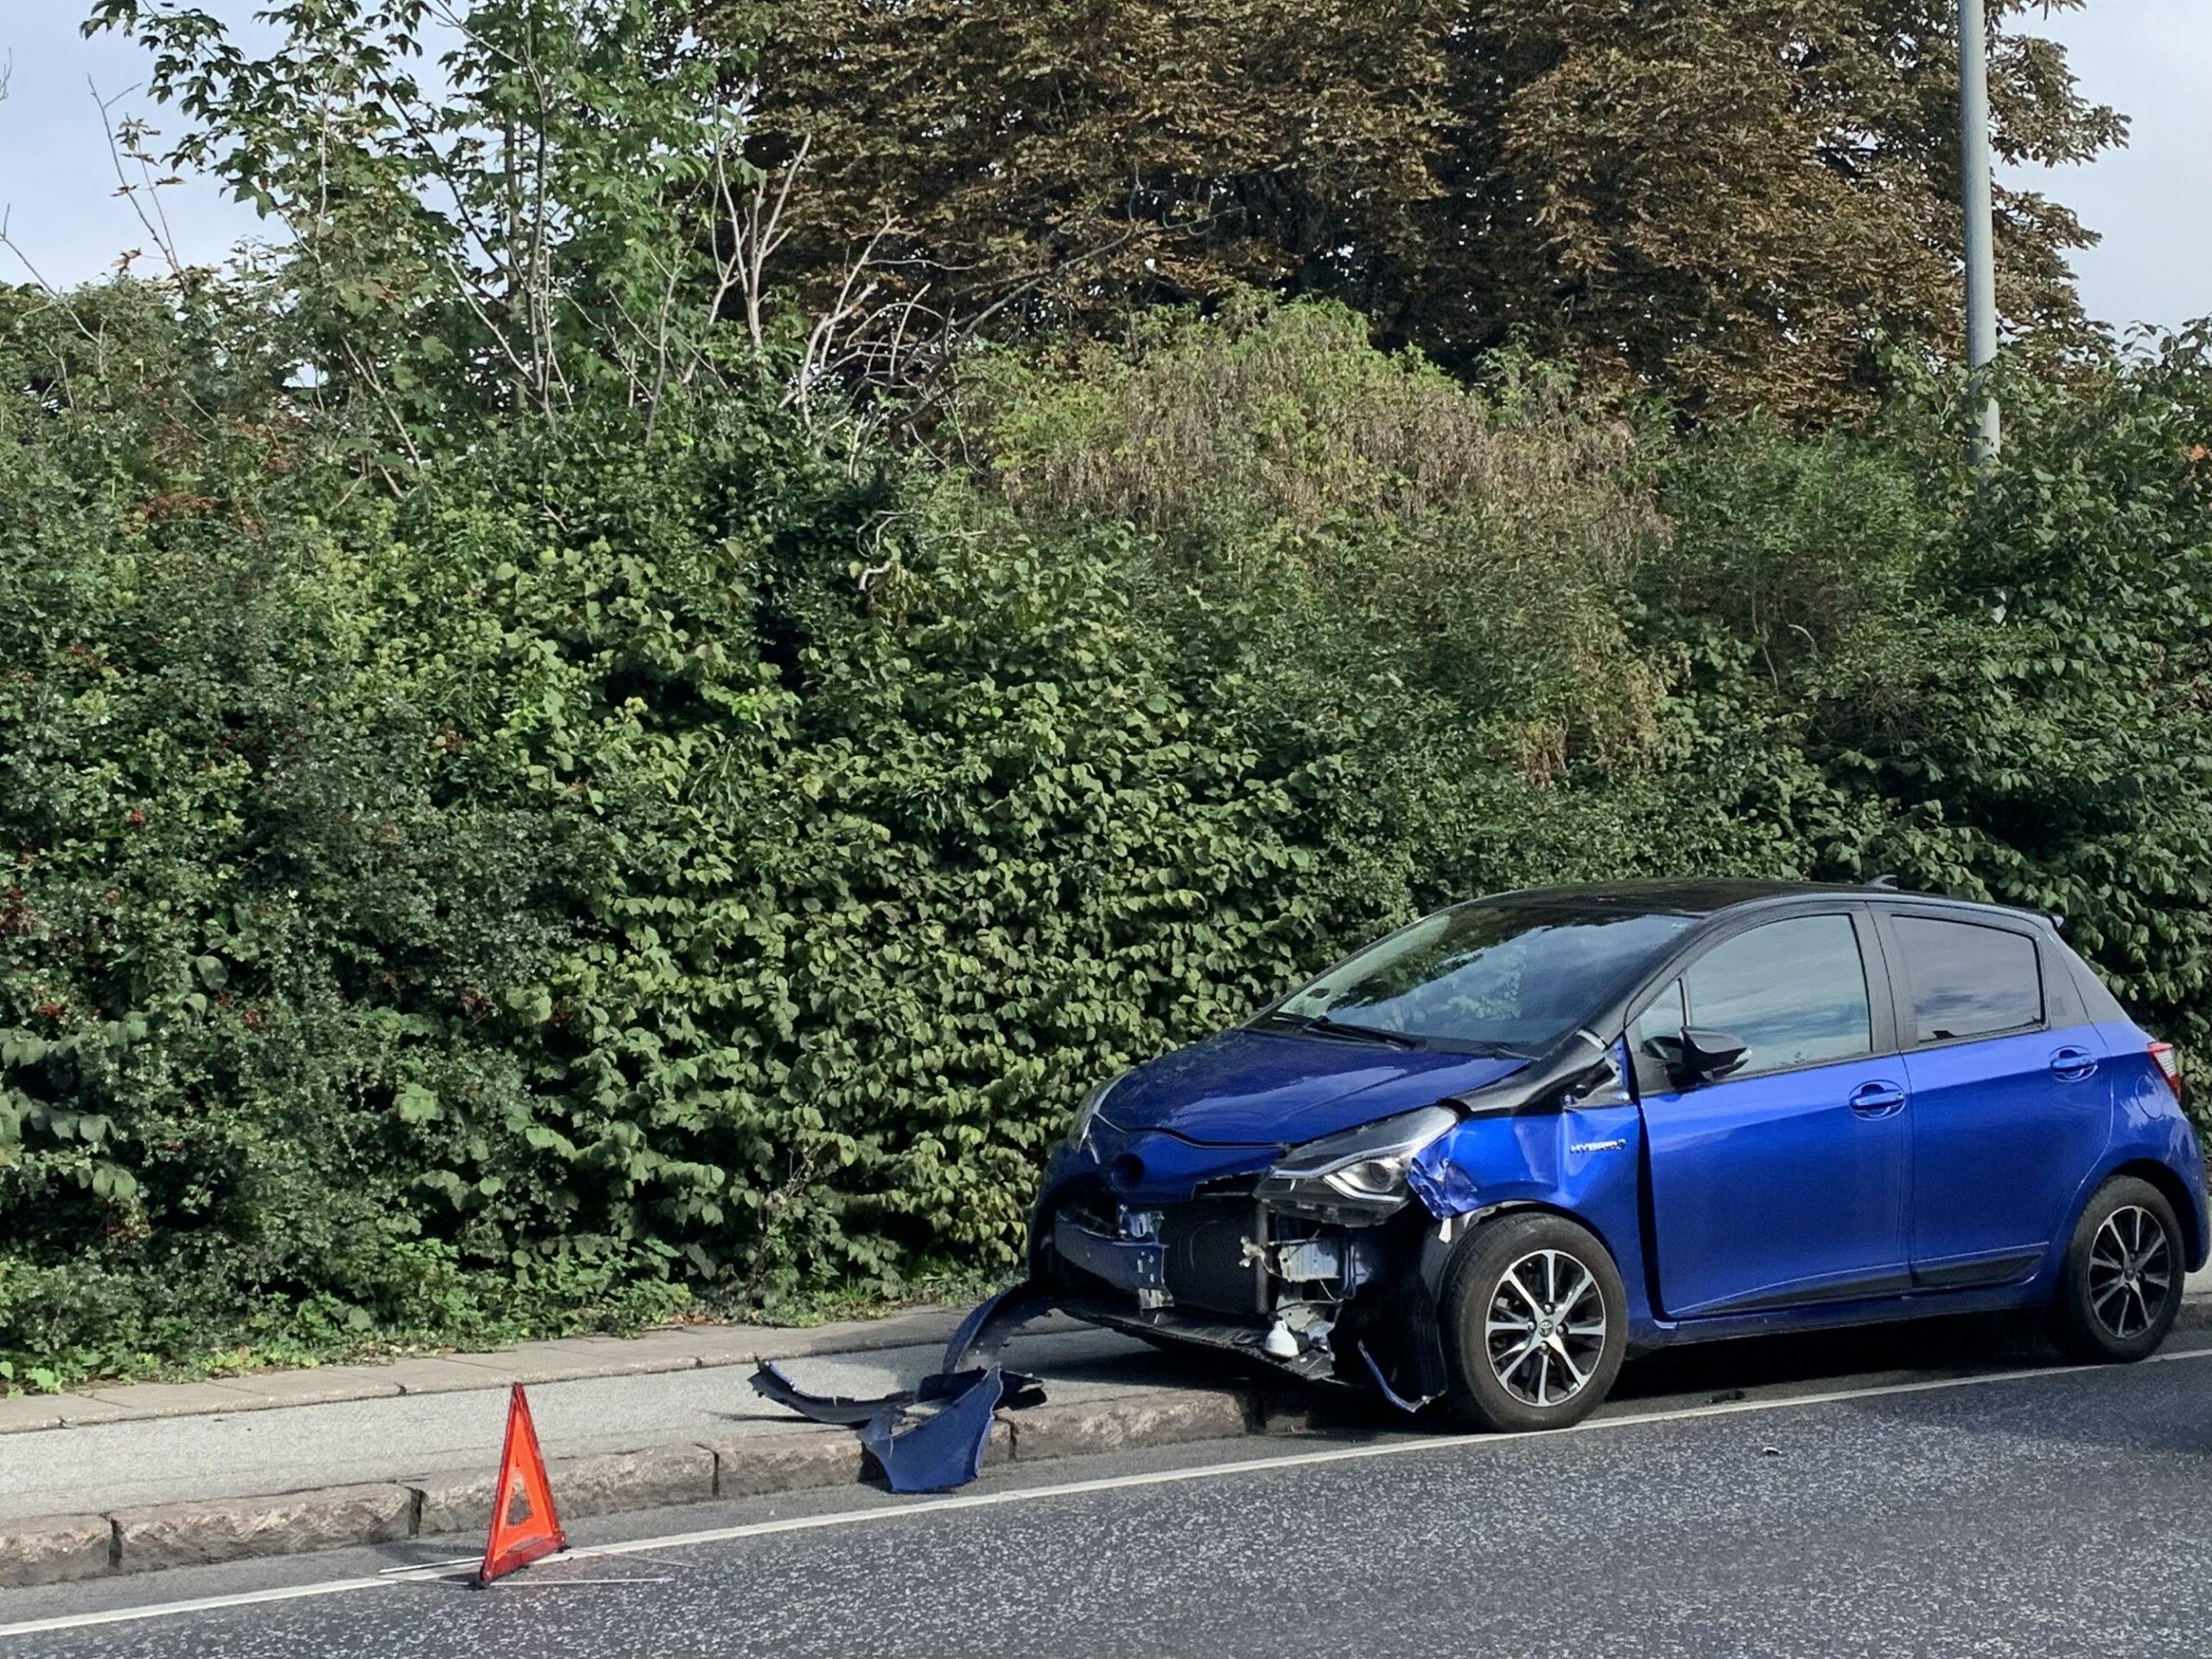 Færdselsulykke: To biler i sammenstød i Helsingør